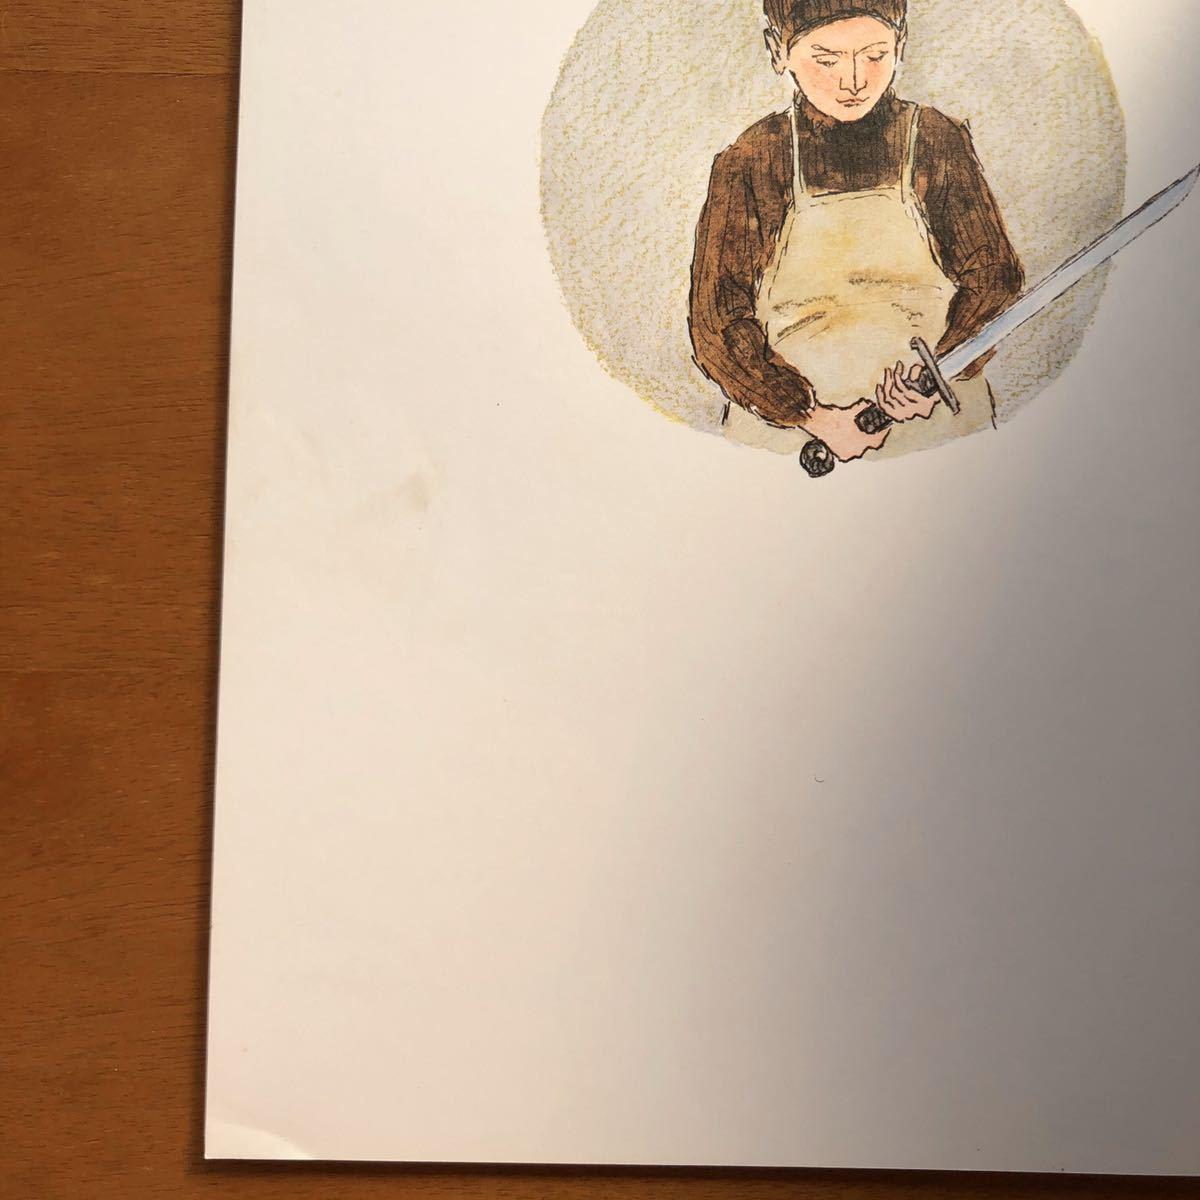 こどものとも スコットランドの昔話 かじやとようせい 273号 1978年 初版 絶版 入手不可 三宅忠明 荻太郎 絵本 福音館 ビンテージ